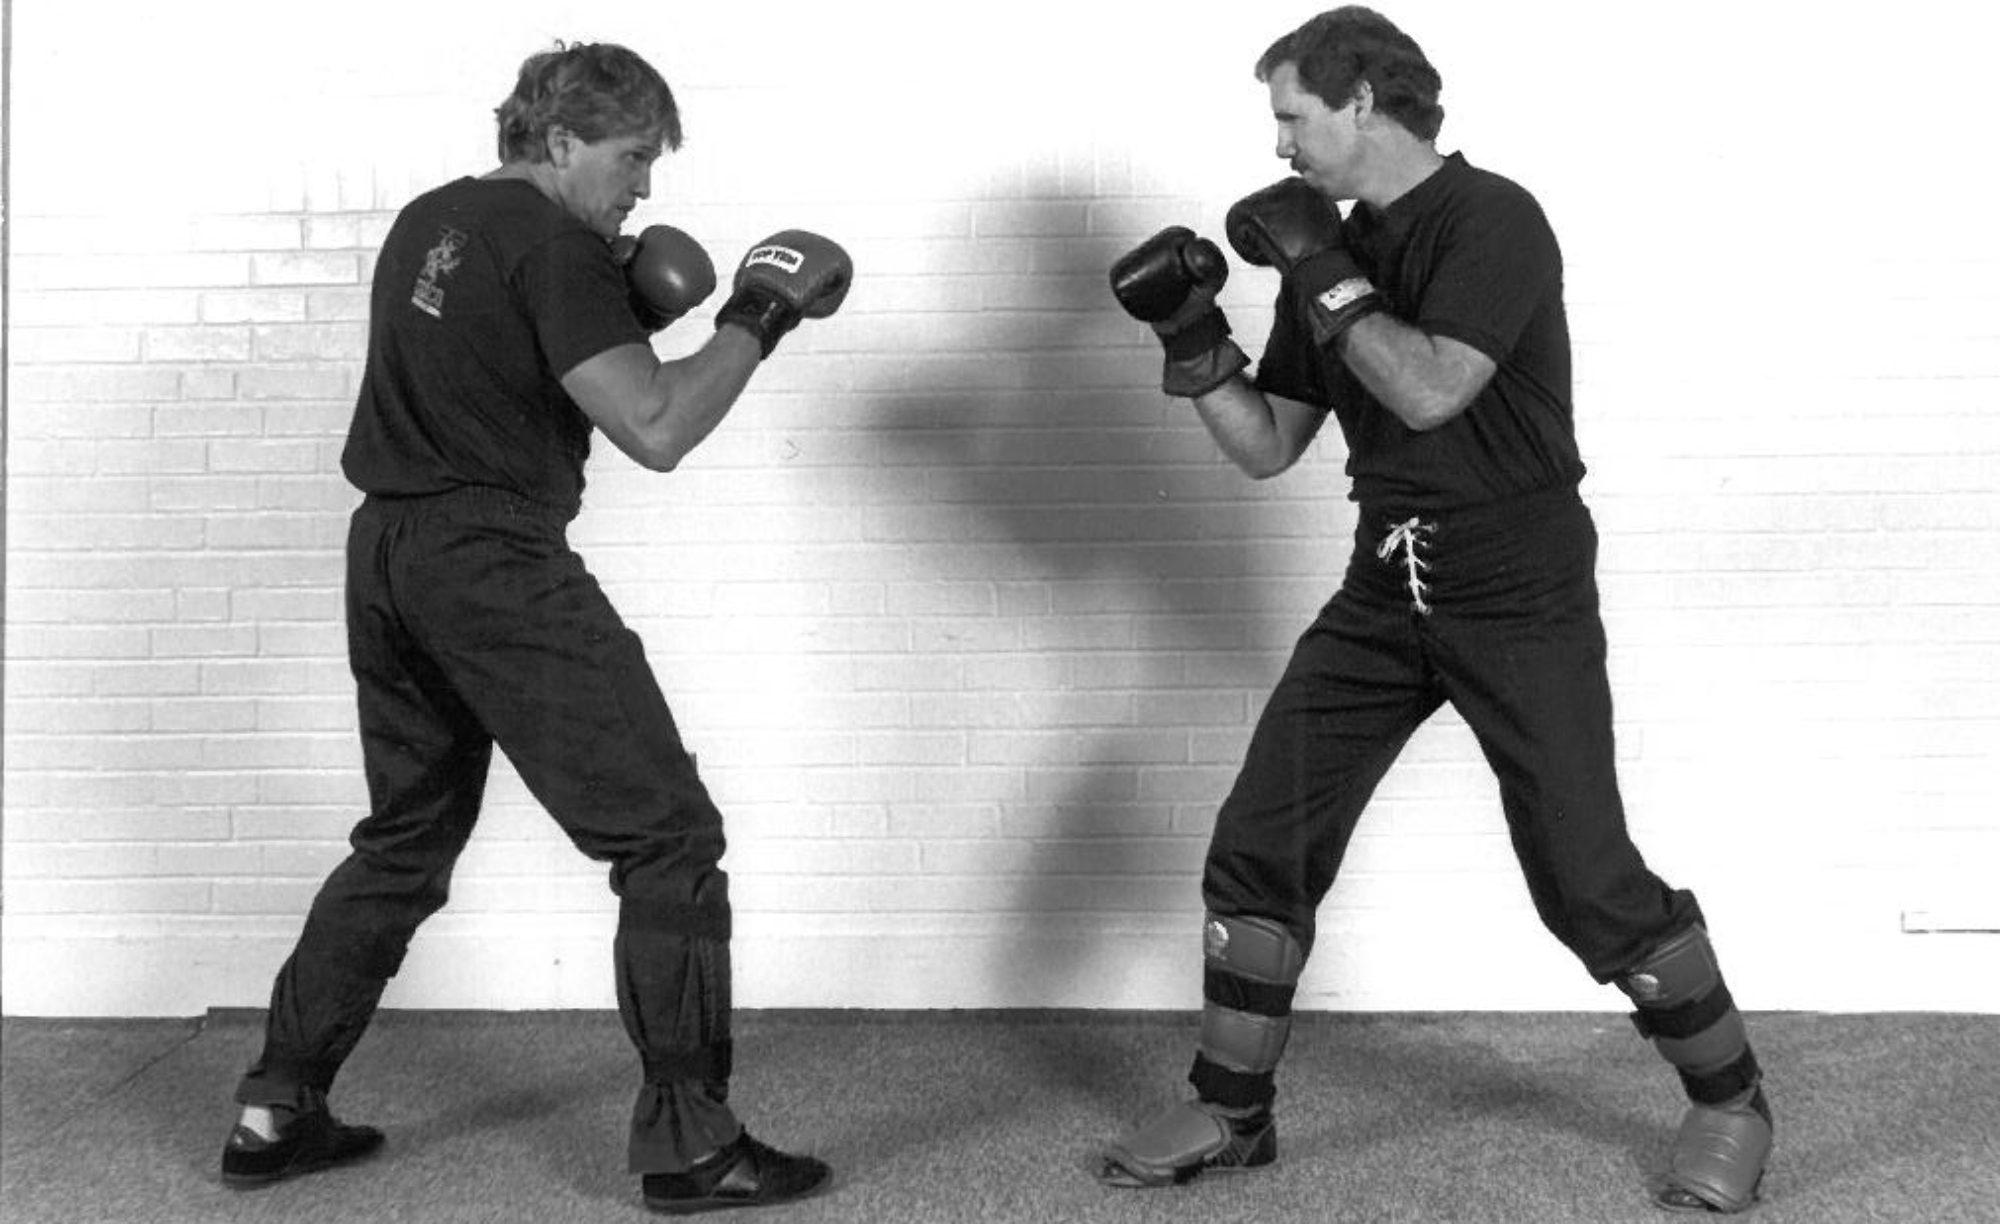 Joe Lewis American Karate Systems